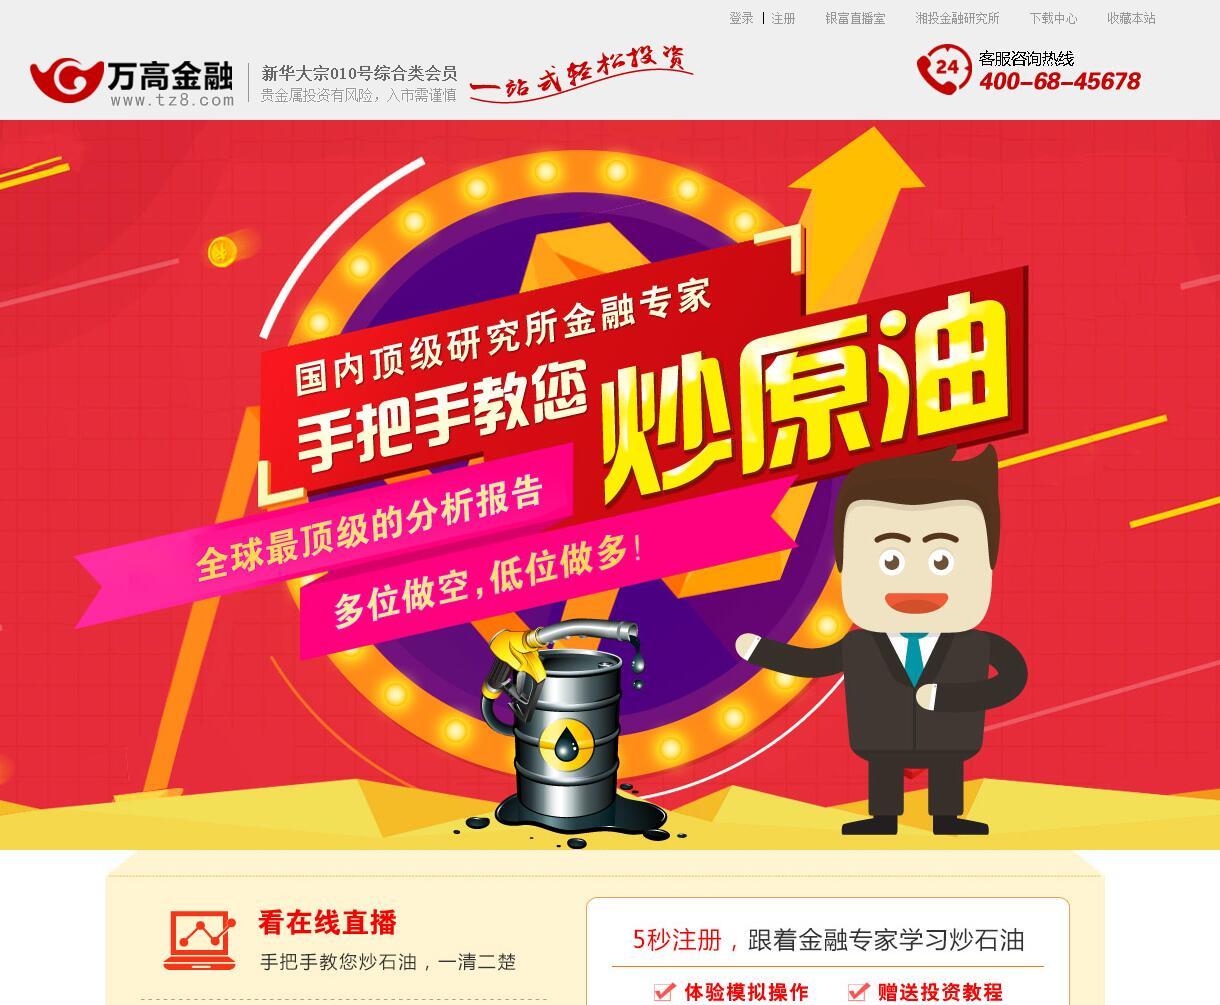 炒原油金融公司活动专题页模板